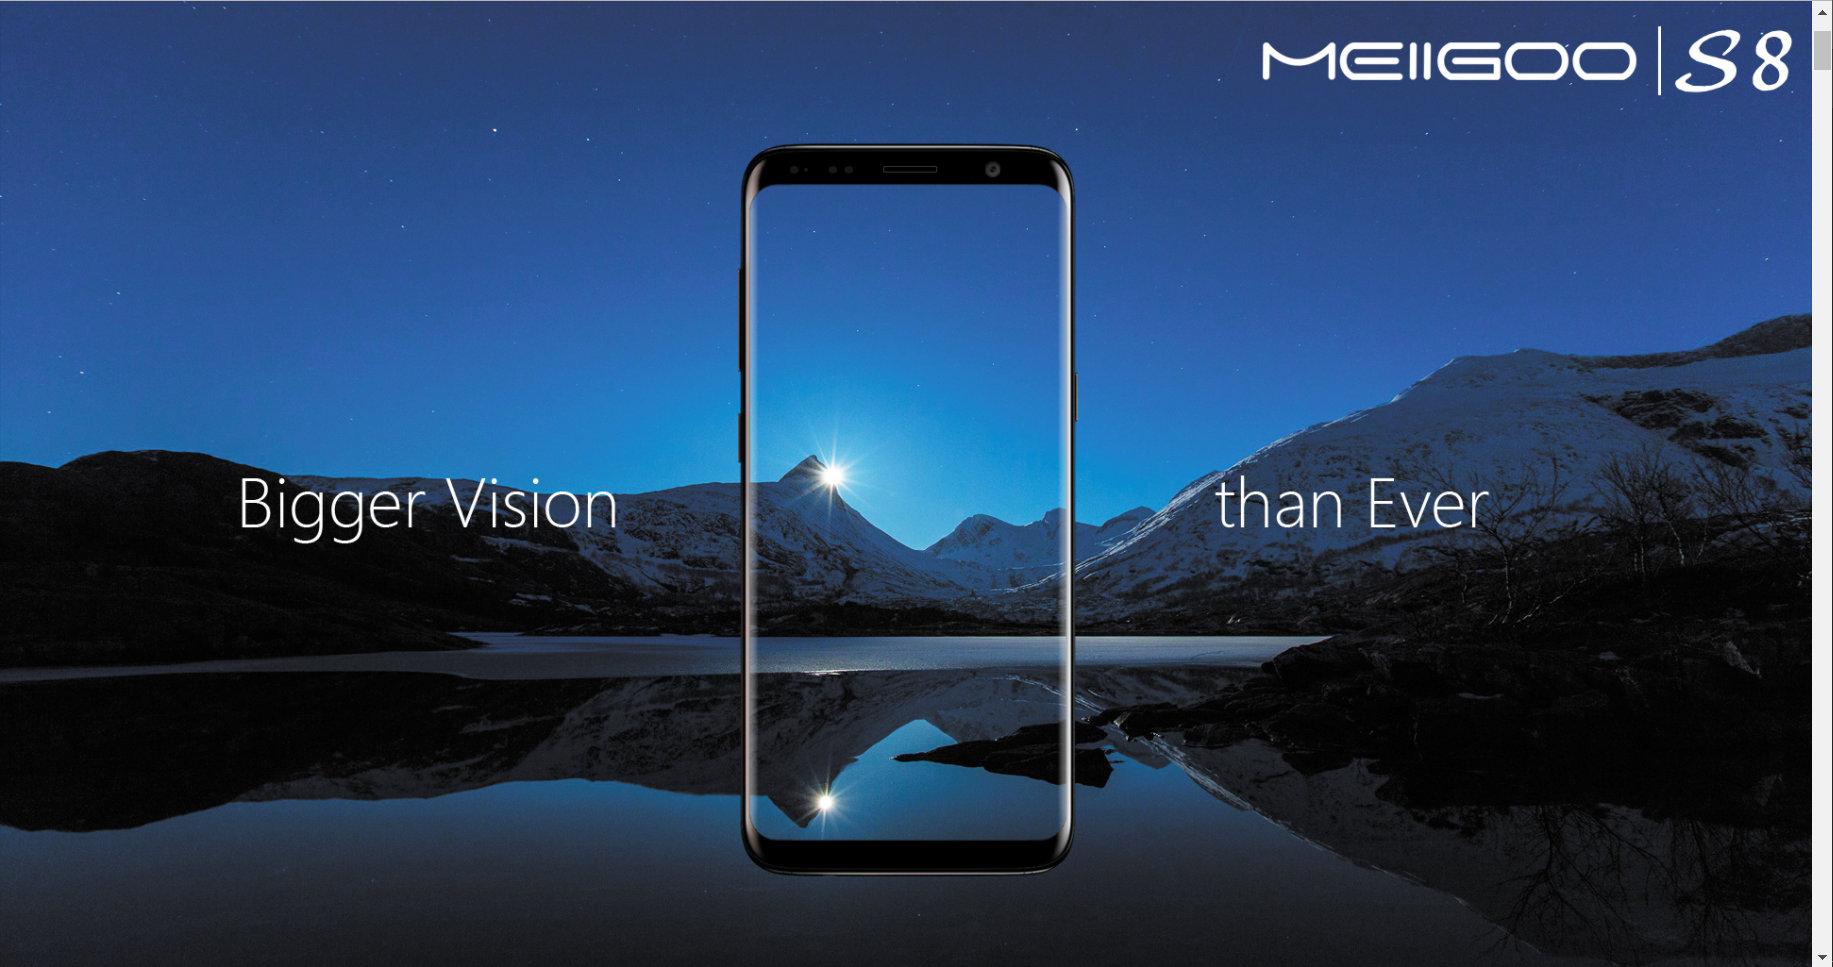 Meiigoo S8 – smartphones cada vez melhores… e mais baratos